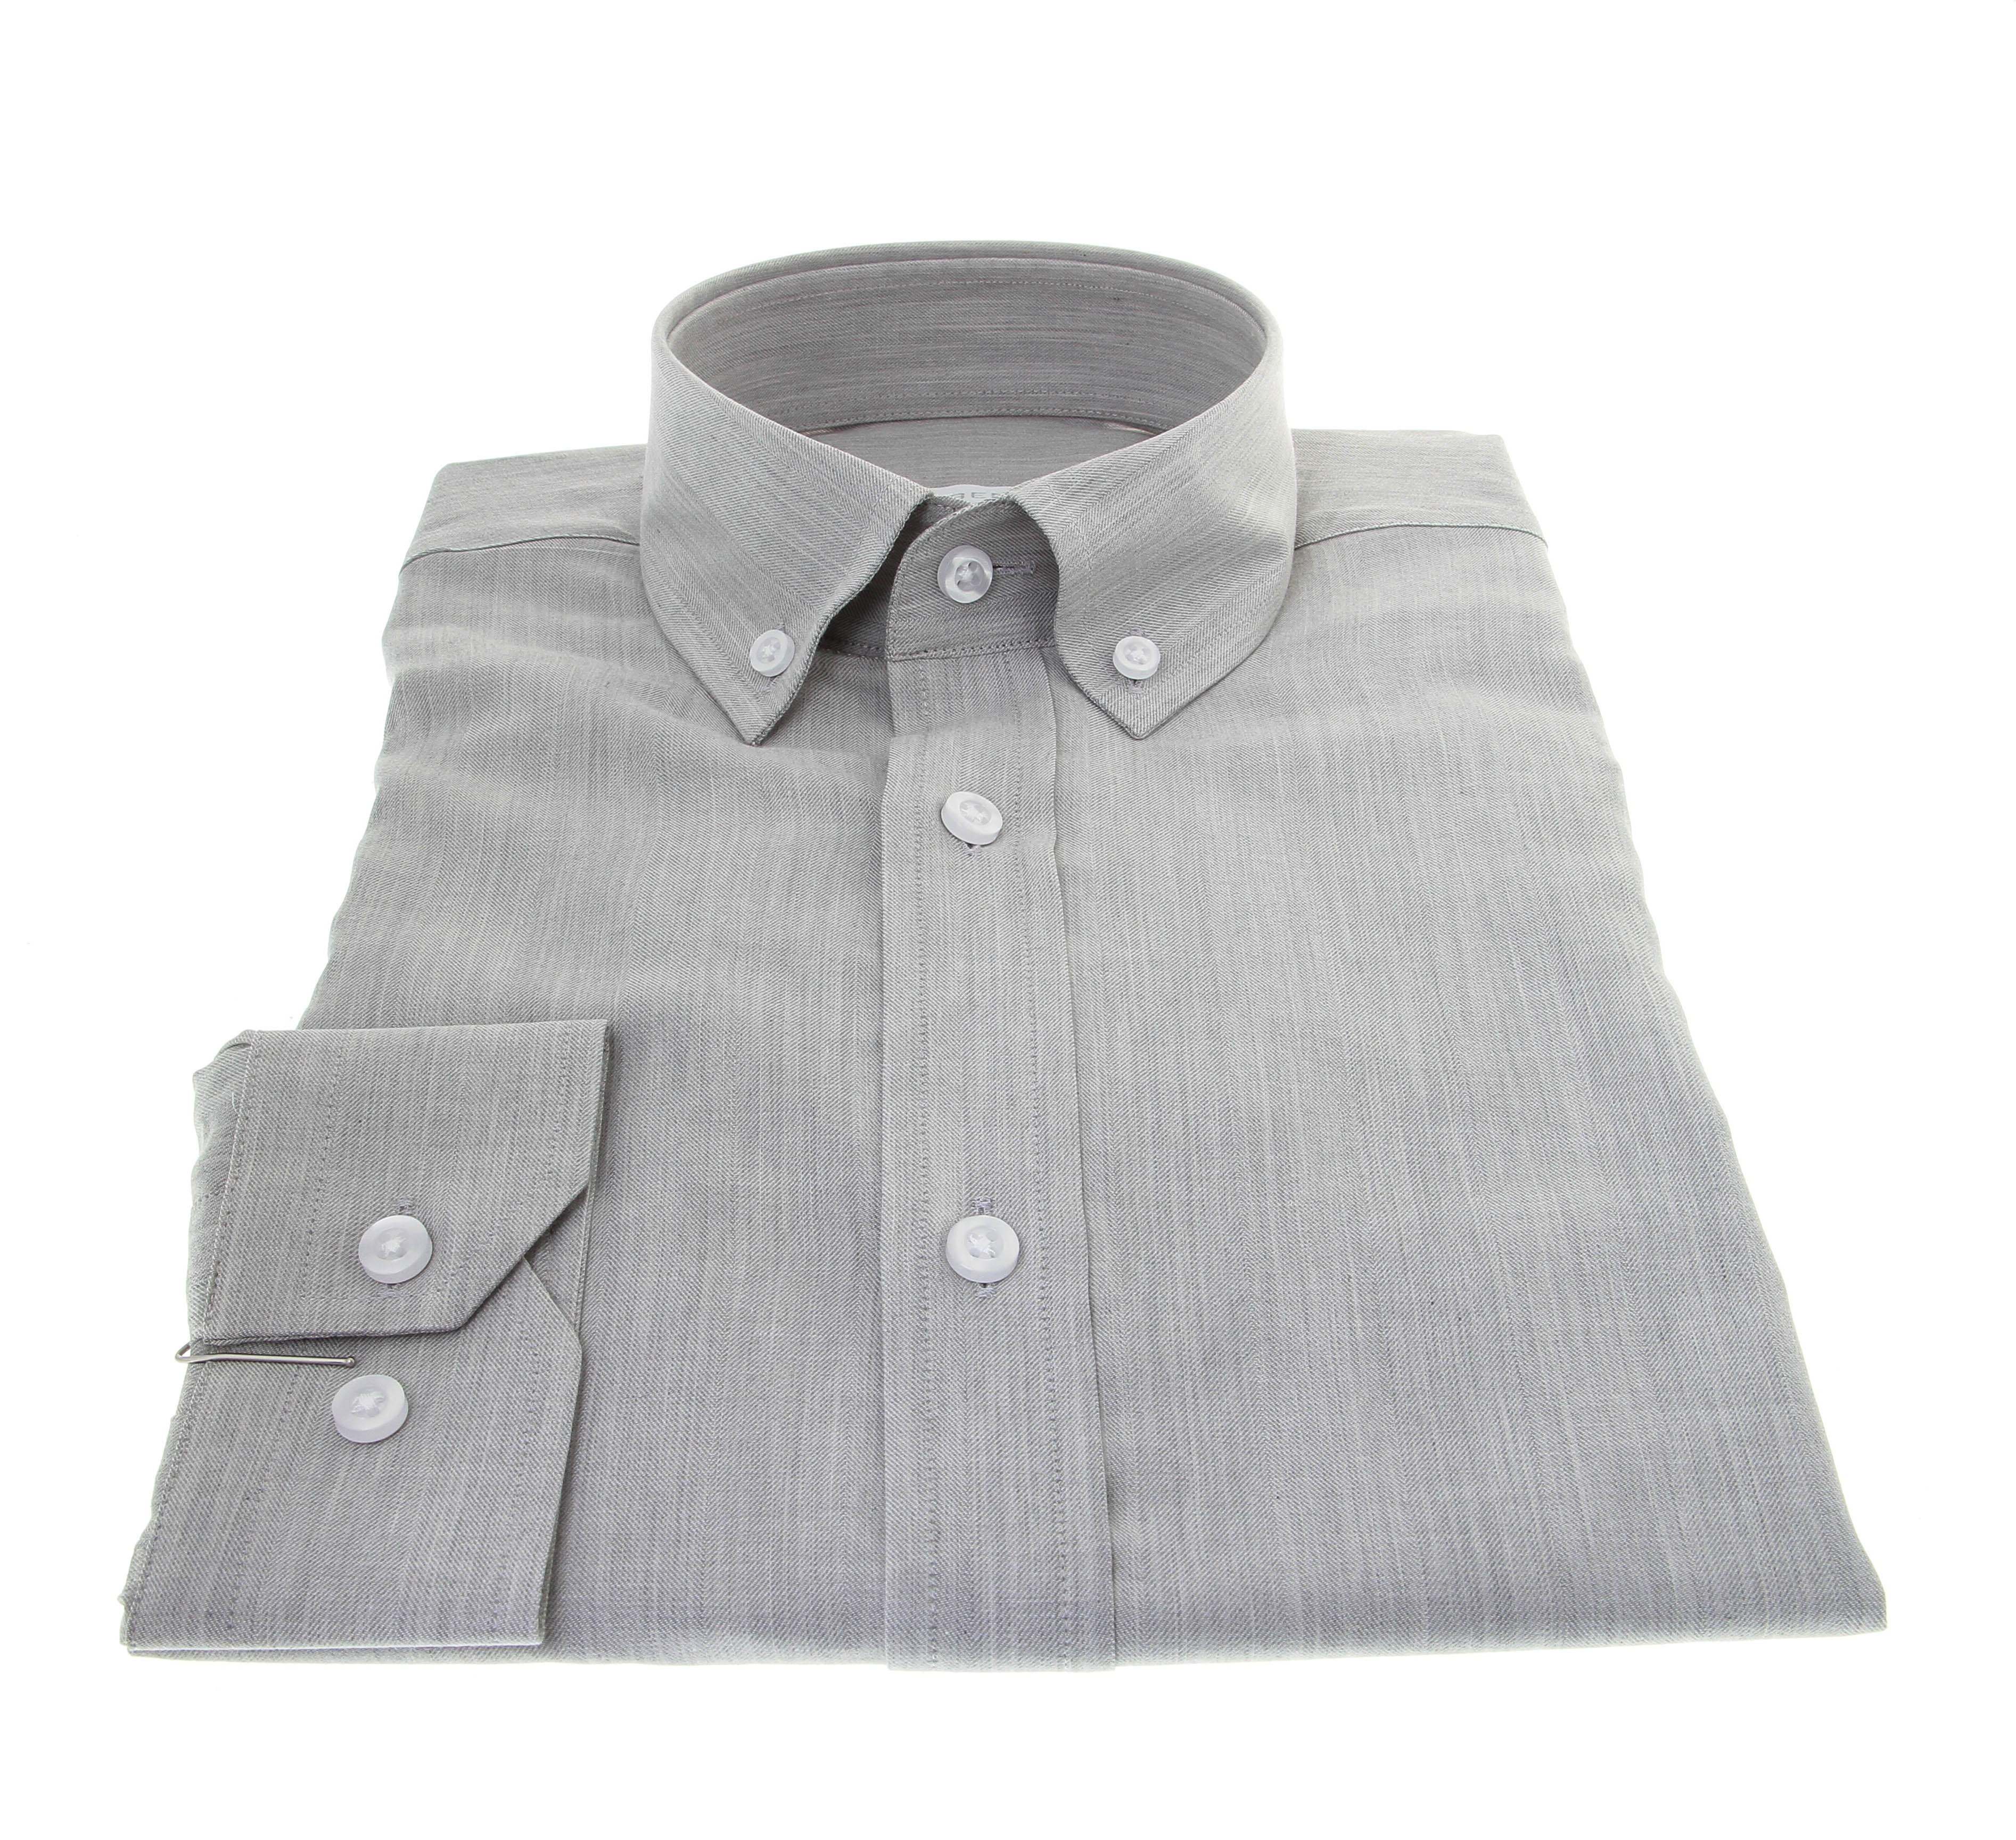 Chemise Winter Vermont : Gris clair - Col boutonné - 100% Coton